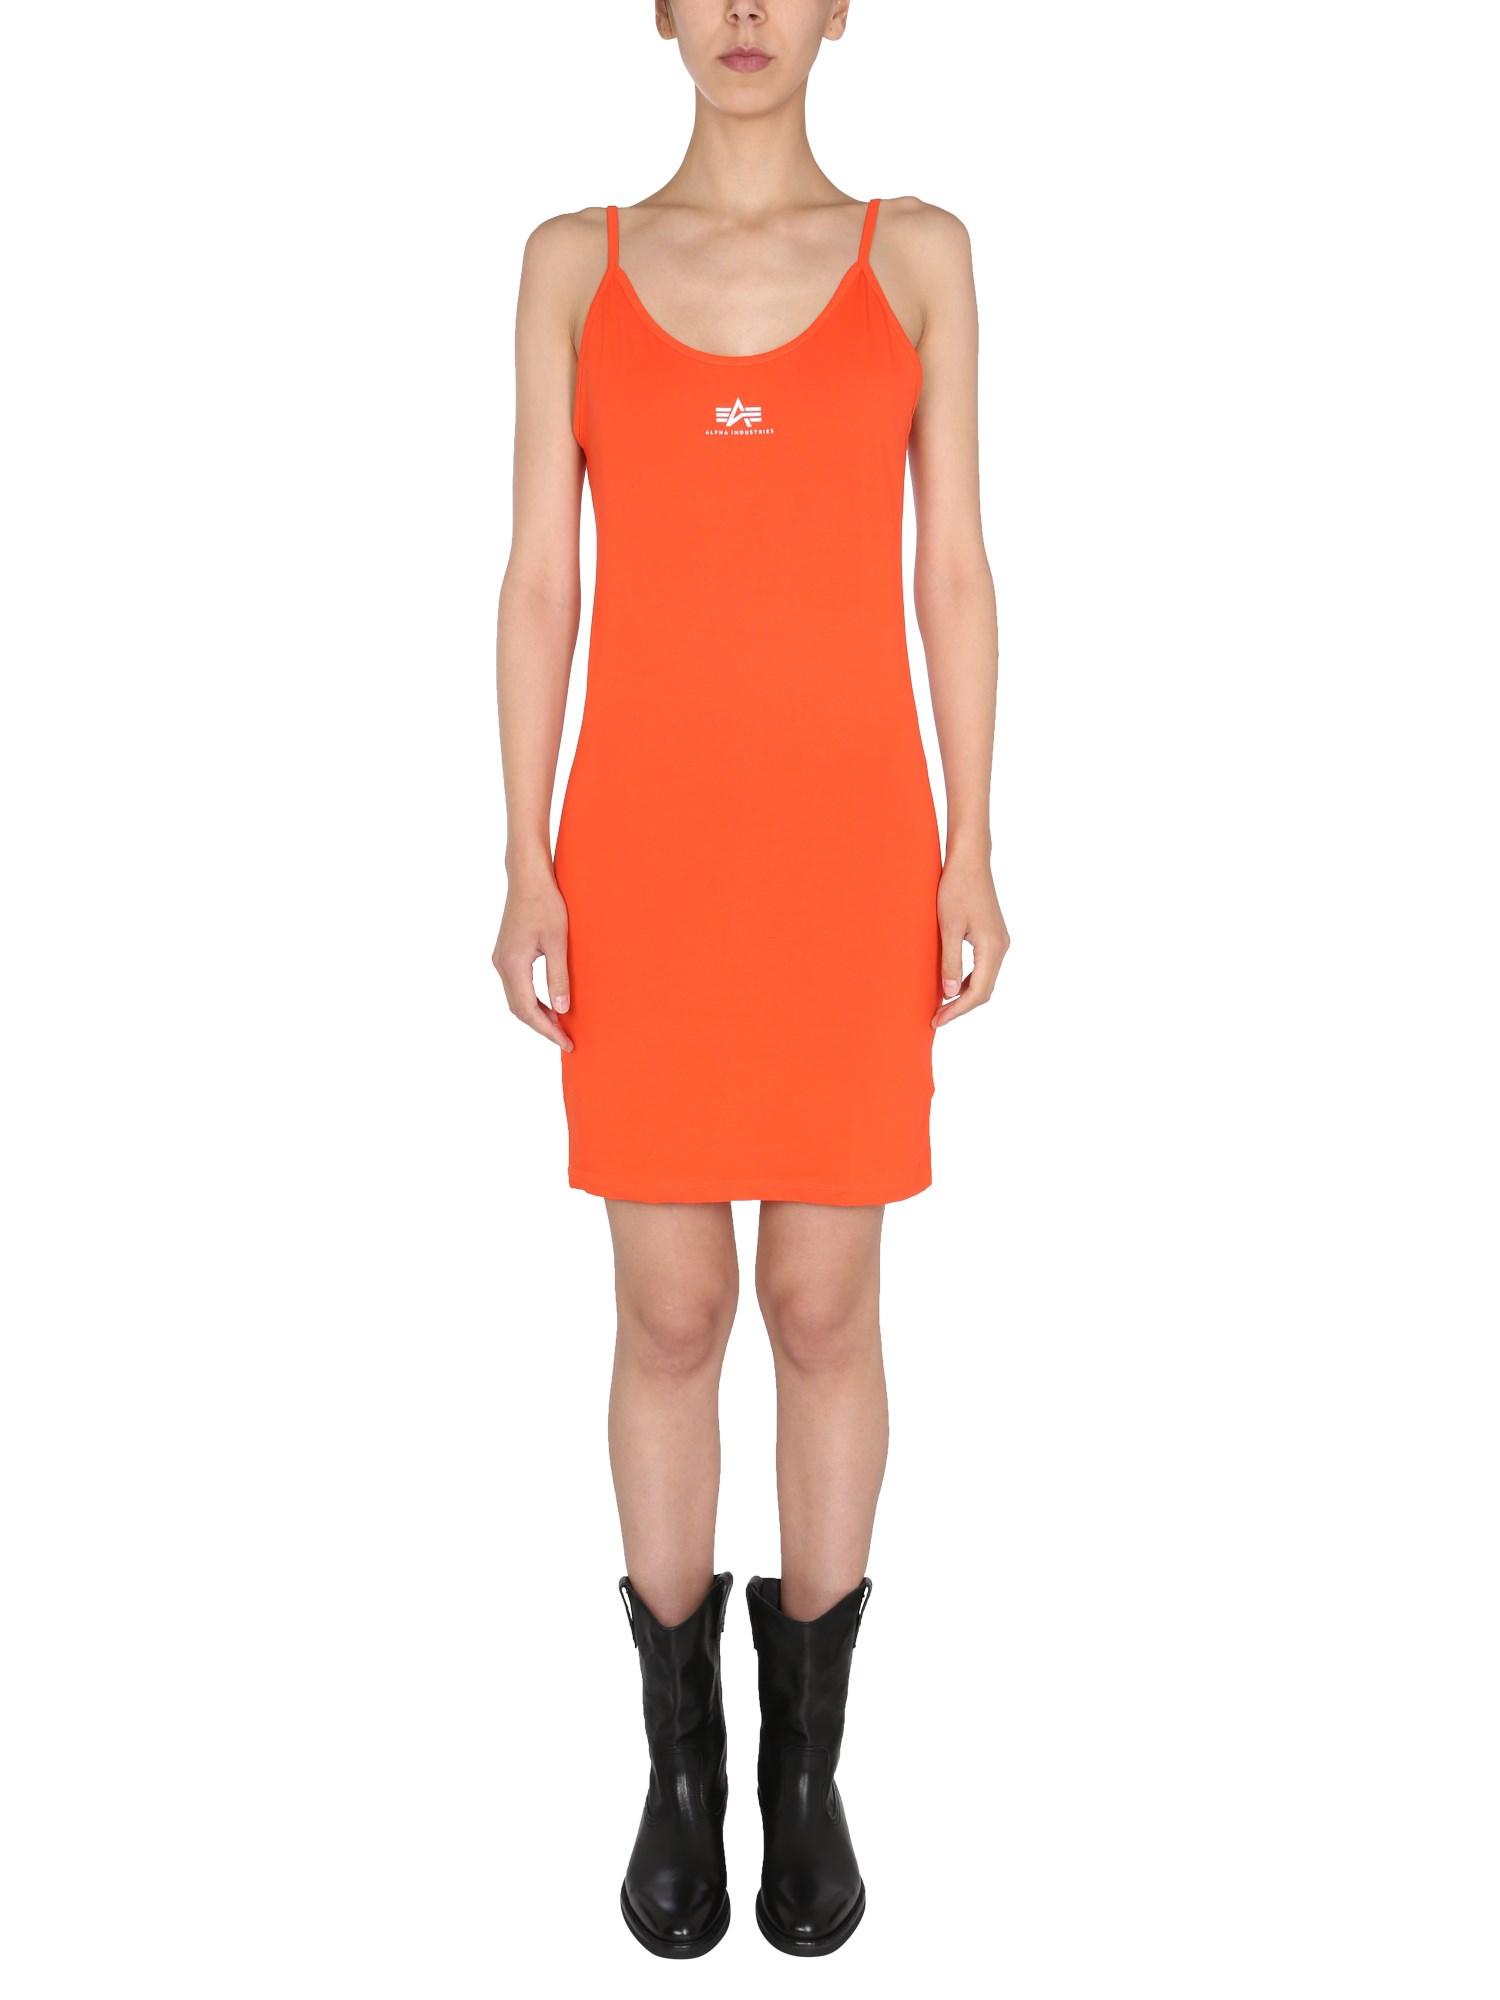 Alpha industries slim fit dress - alpha industries - Modalova